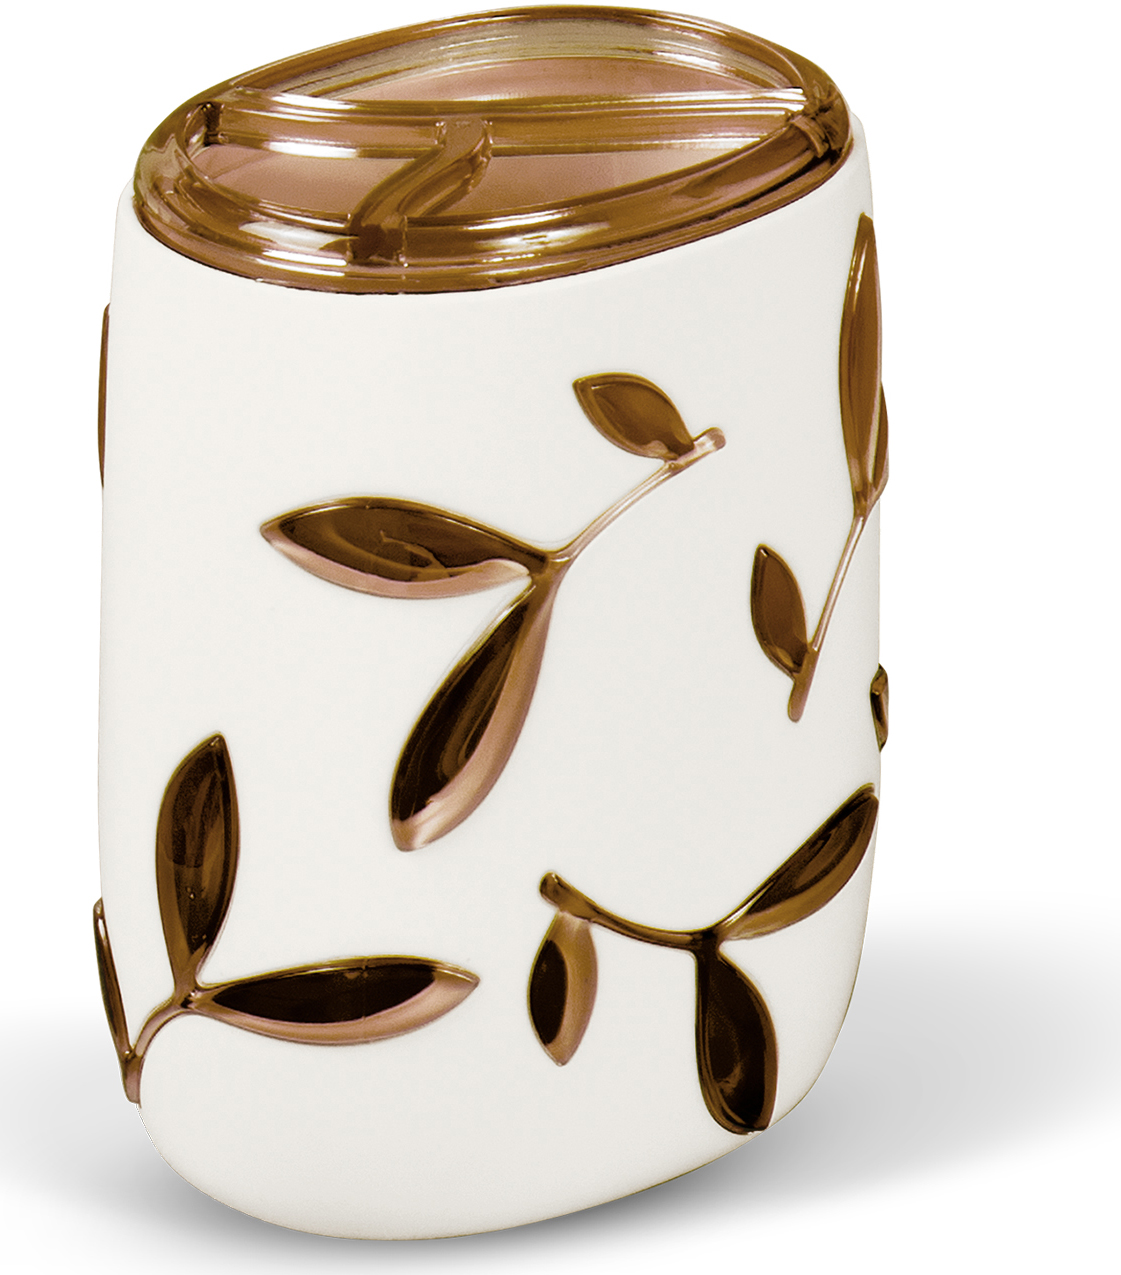 Стакан для зубных щеток Tatkraft Immanuel Olive, цвет: серый, коричневый стакан для зубных щеток tatkraft immanuel olive цвет серый коричневый